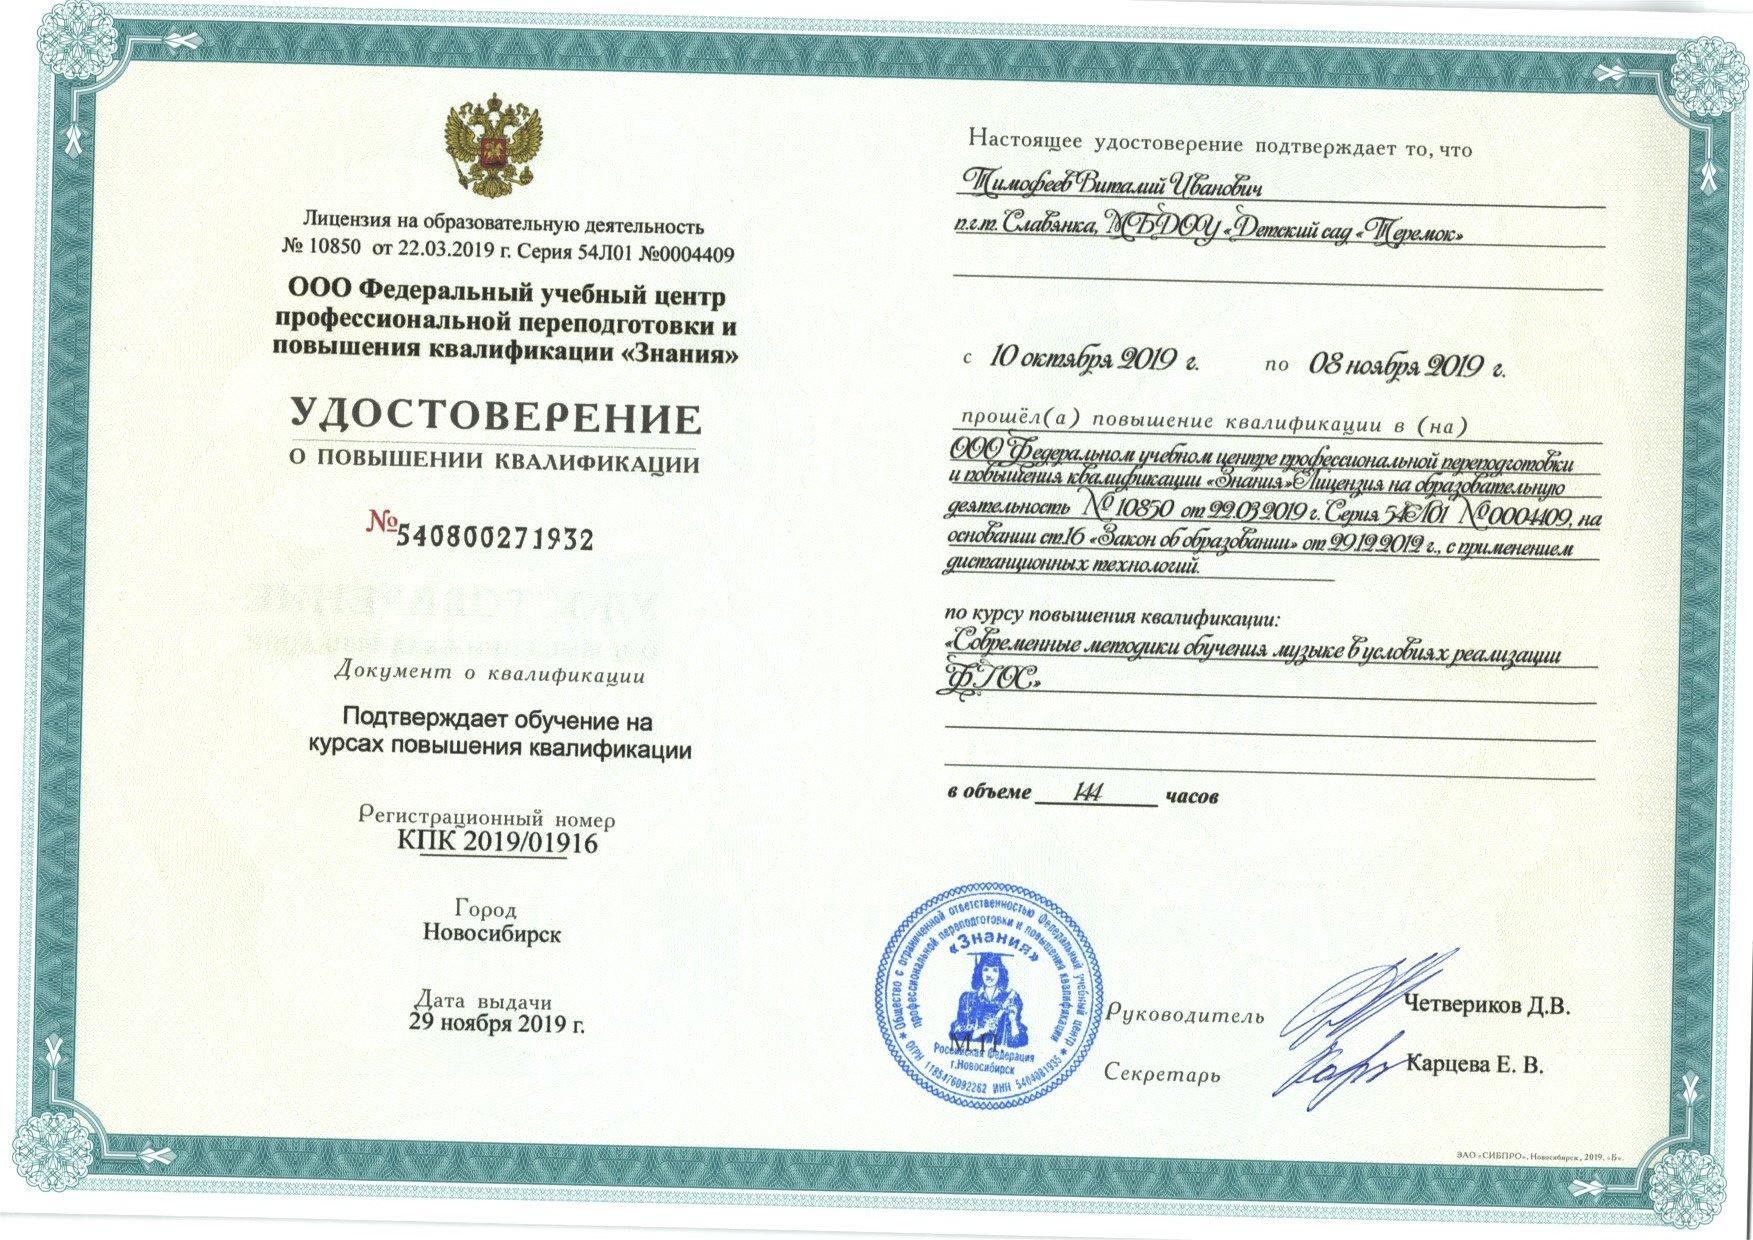 Тимофеев В.И.